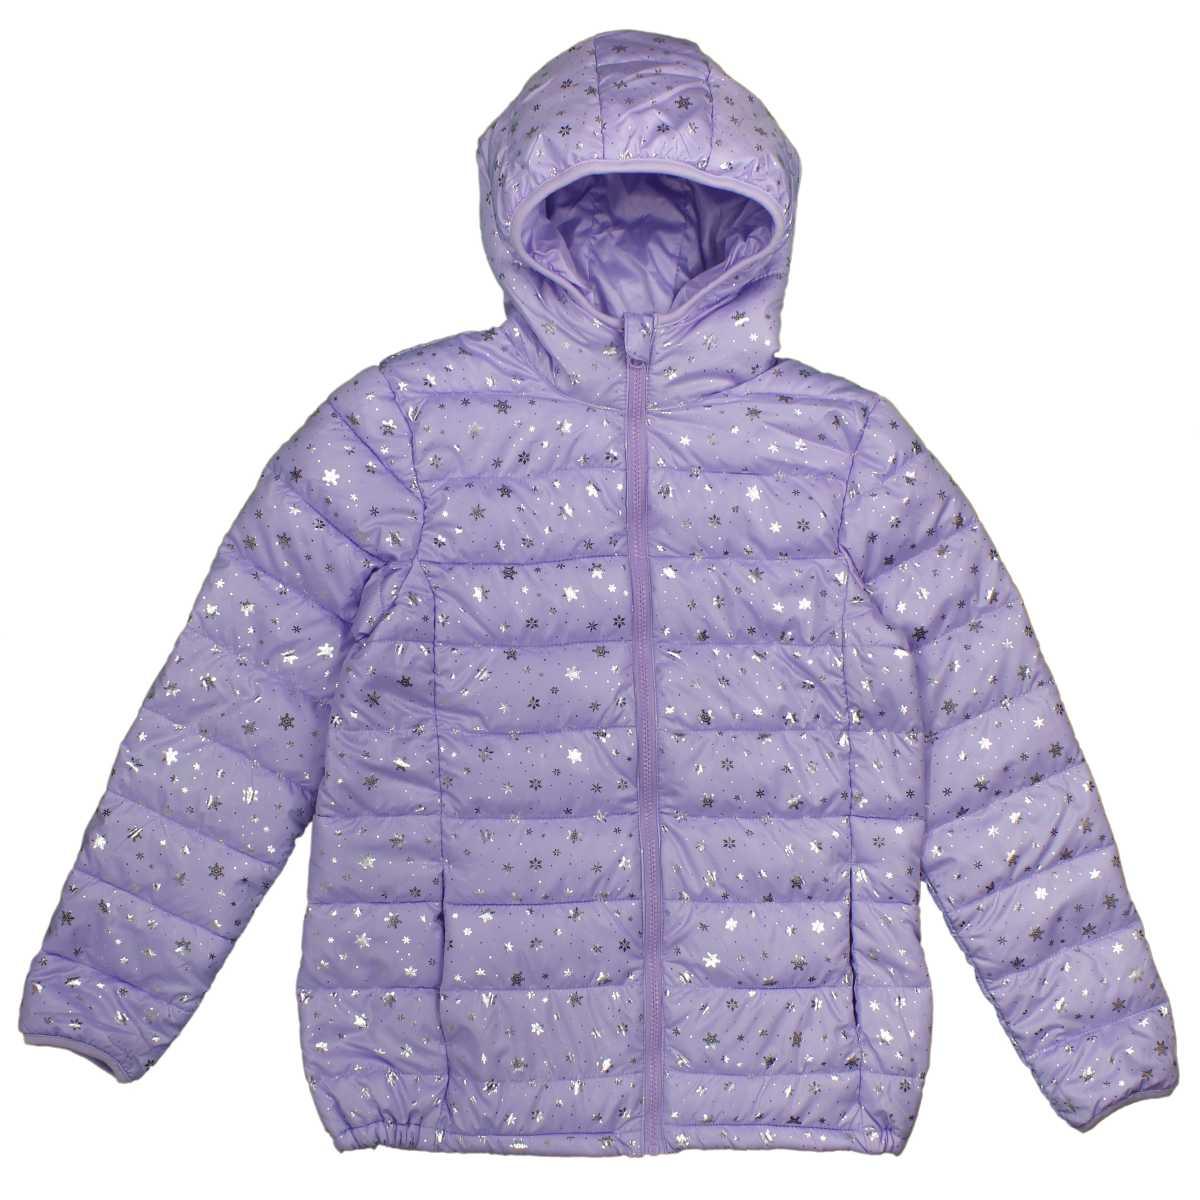 女の子 ジュニア ファイバーダウンジャケット ジャンパー フルジップアップ 雪の結晶柄 女児 (パープル 140cm 150cm 160cm) ガールズ ジュニア ジャンパー・コート 全3色